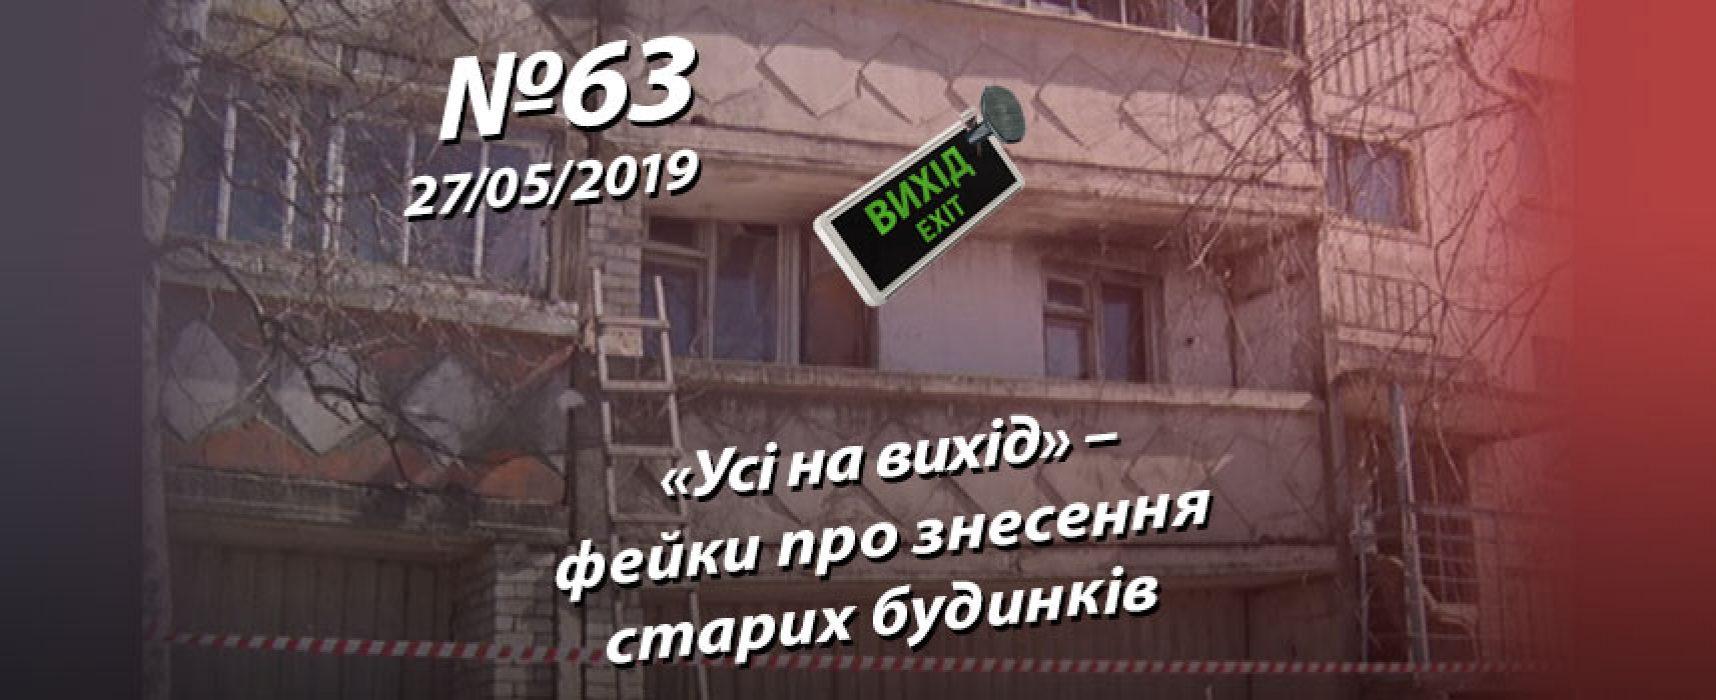 """""""Усі на вихід"""" – фейки про знесення старих будинків – StopFake.org"""